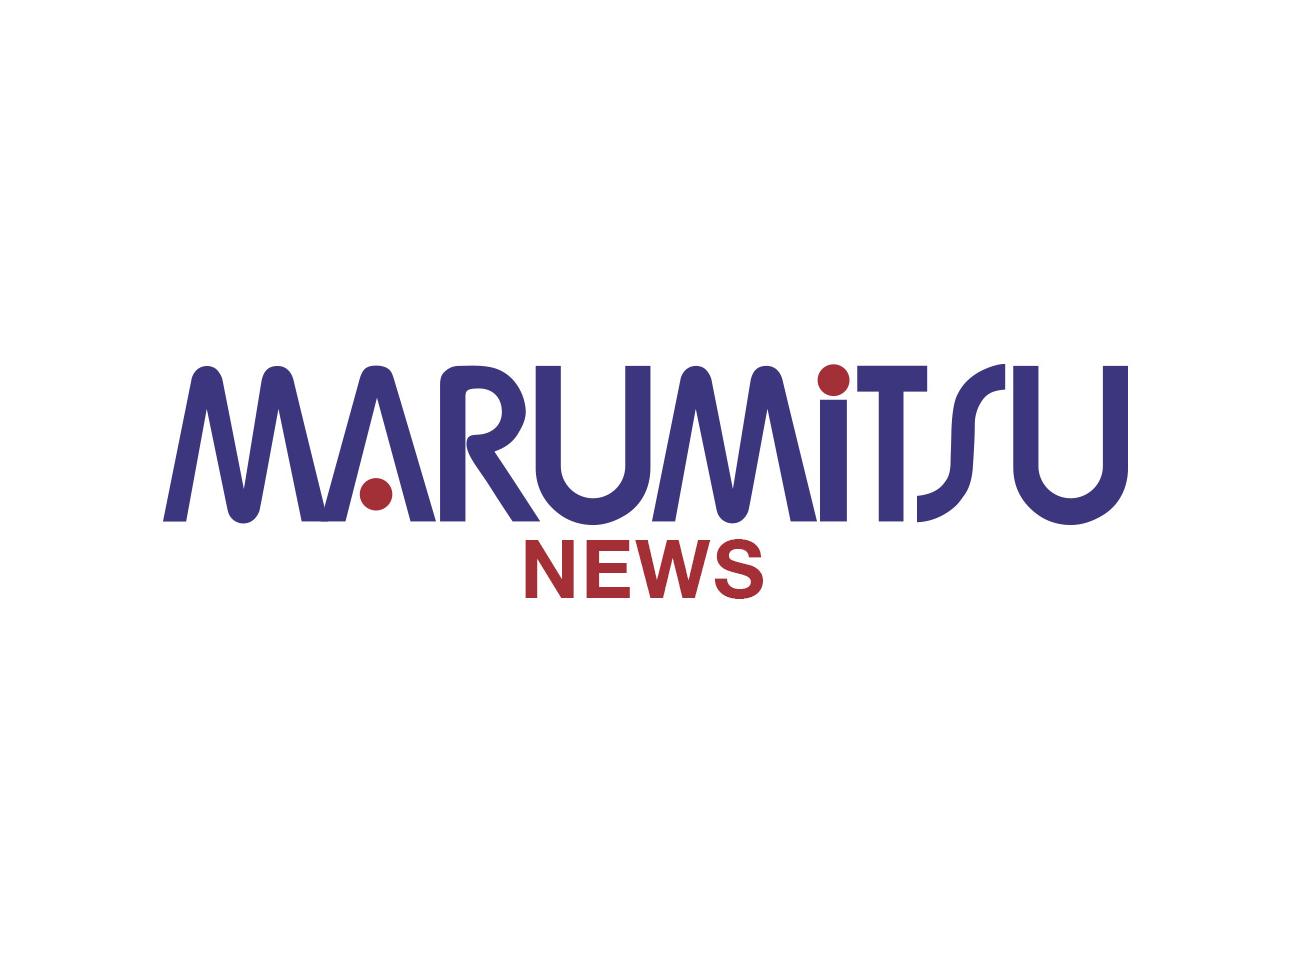 marumitsu-news